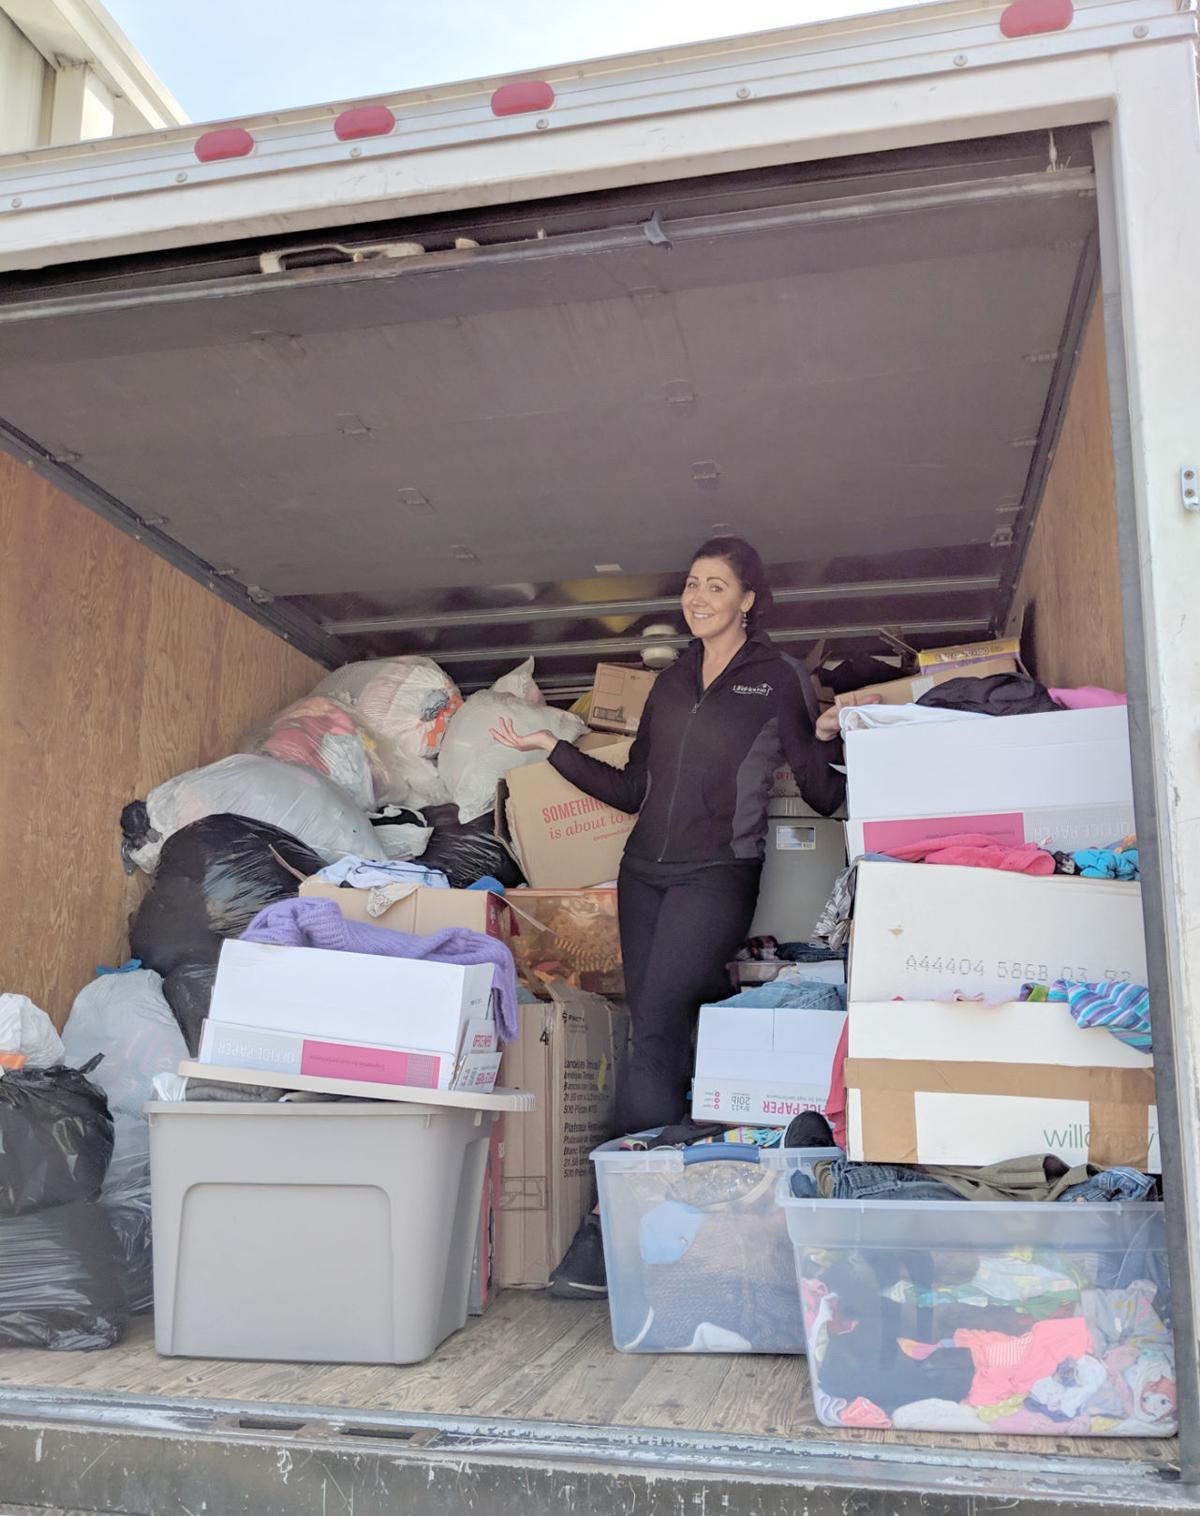 Flood efforts supply truck